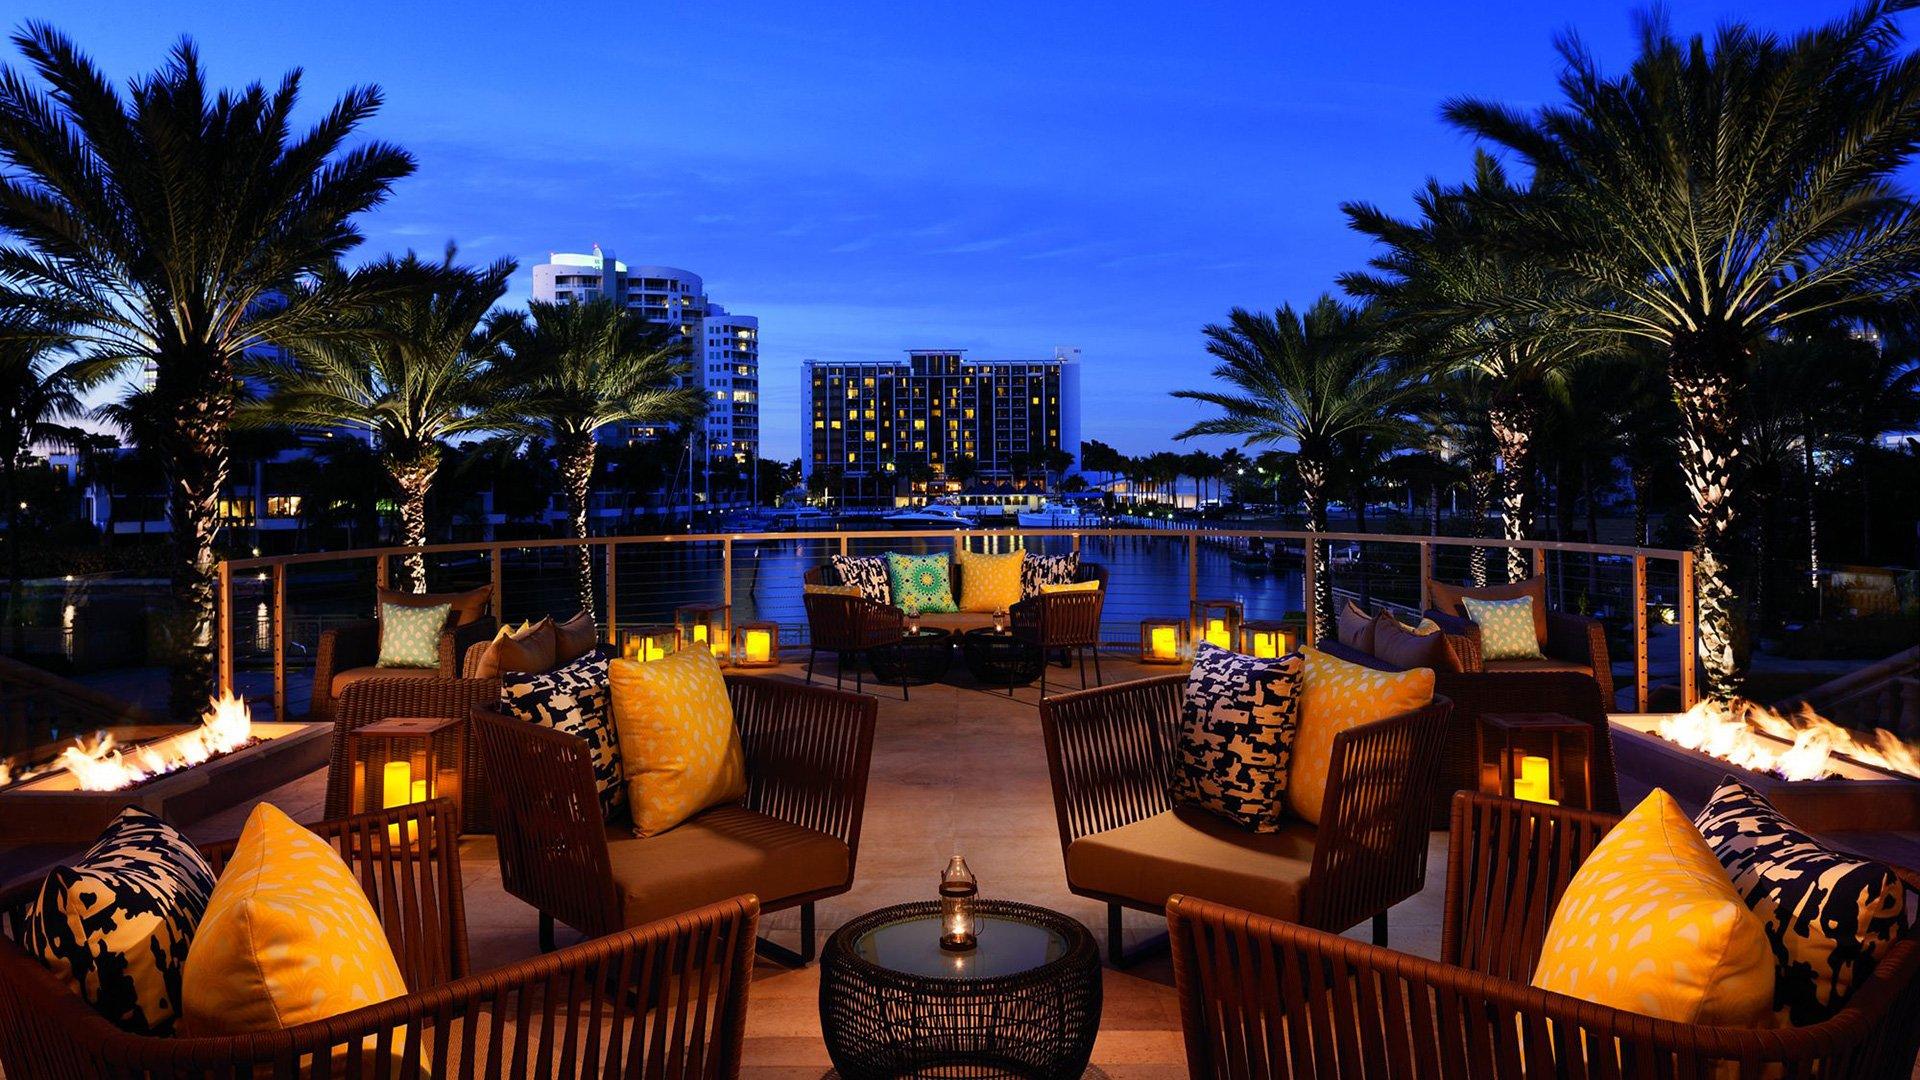 The Ritz-Carlton Sarasota, Outdoor Patio